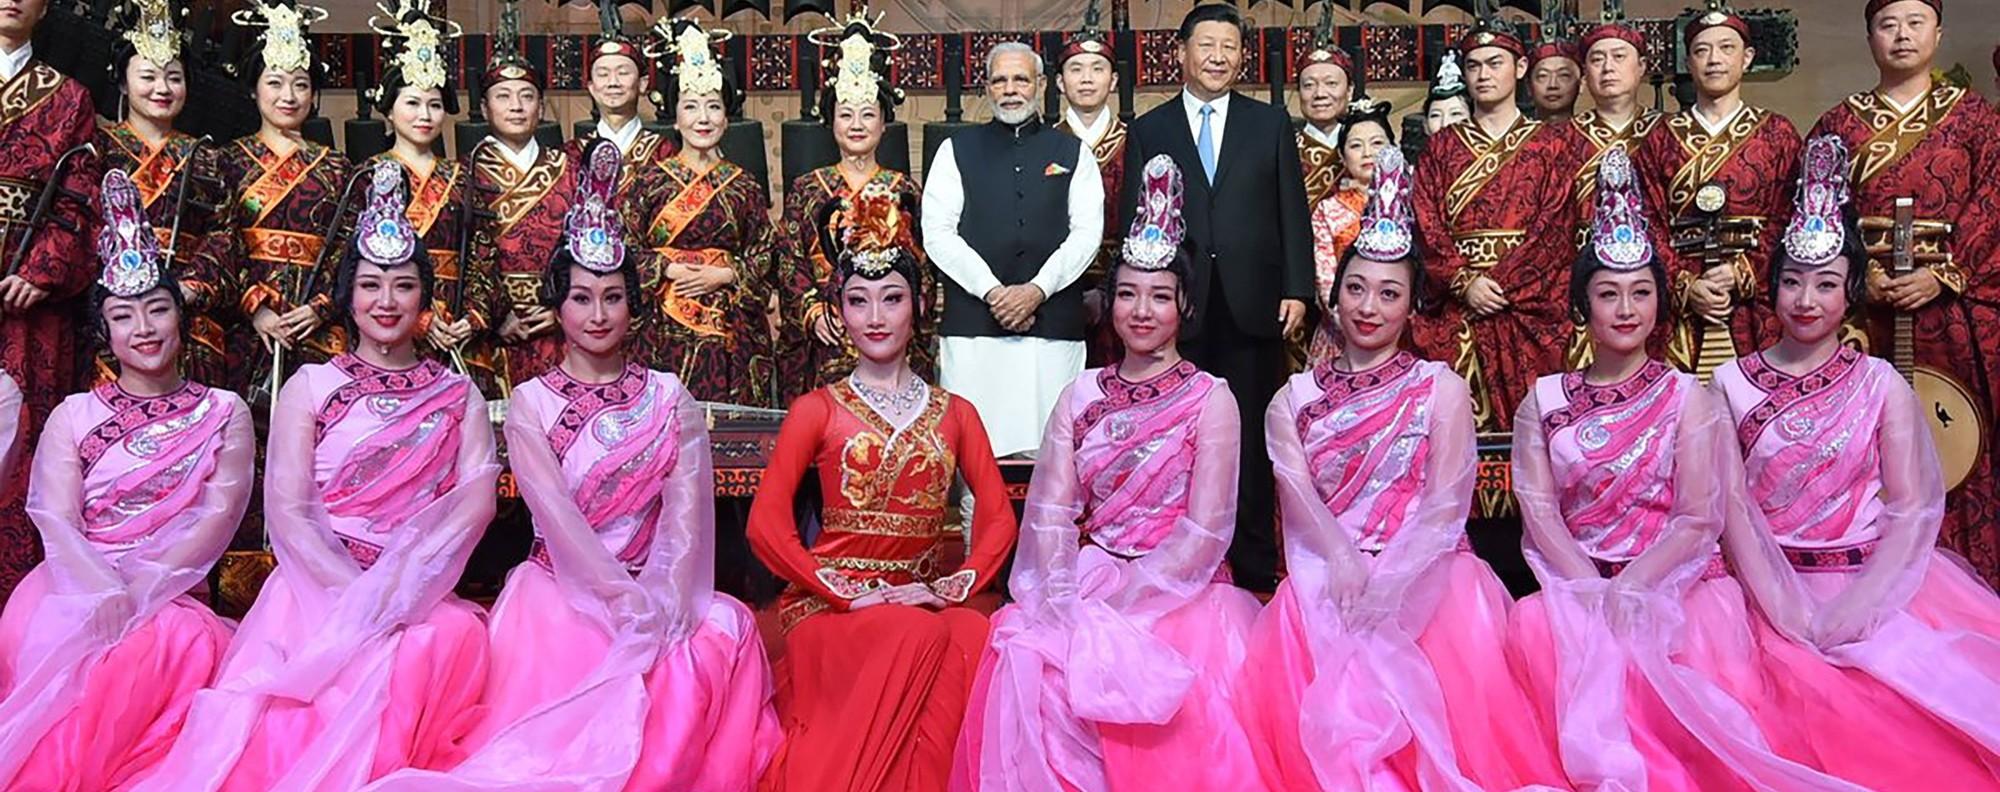 Narendra Modi and Xi Jinping at the Hubei Museum. Photo: AFP